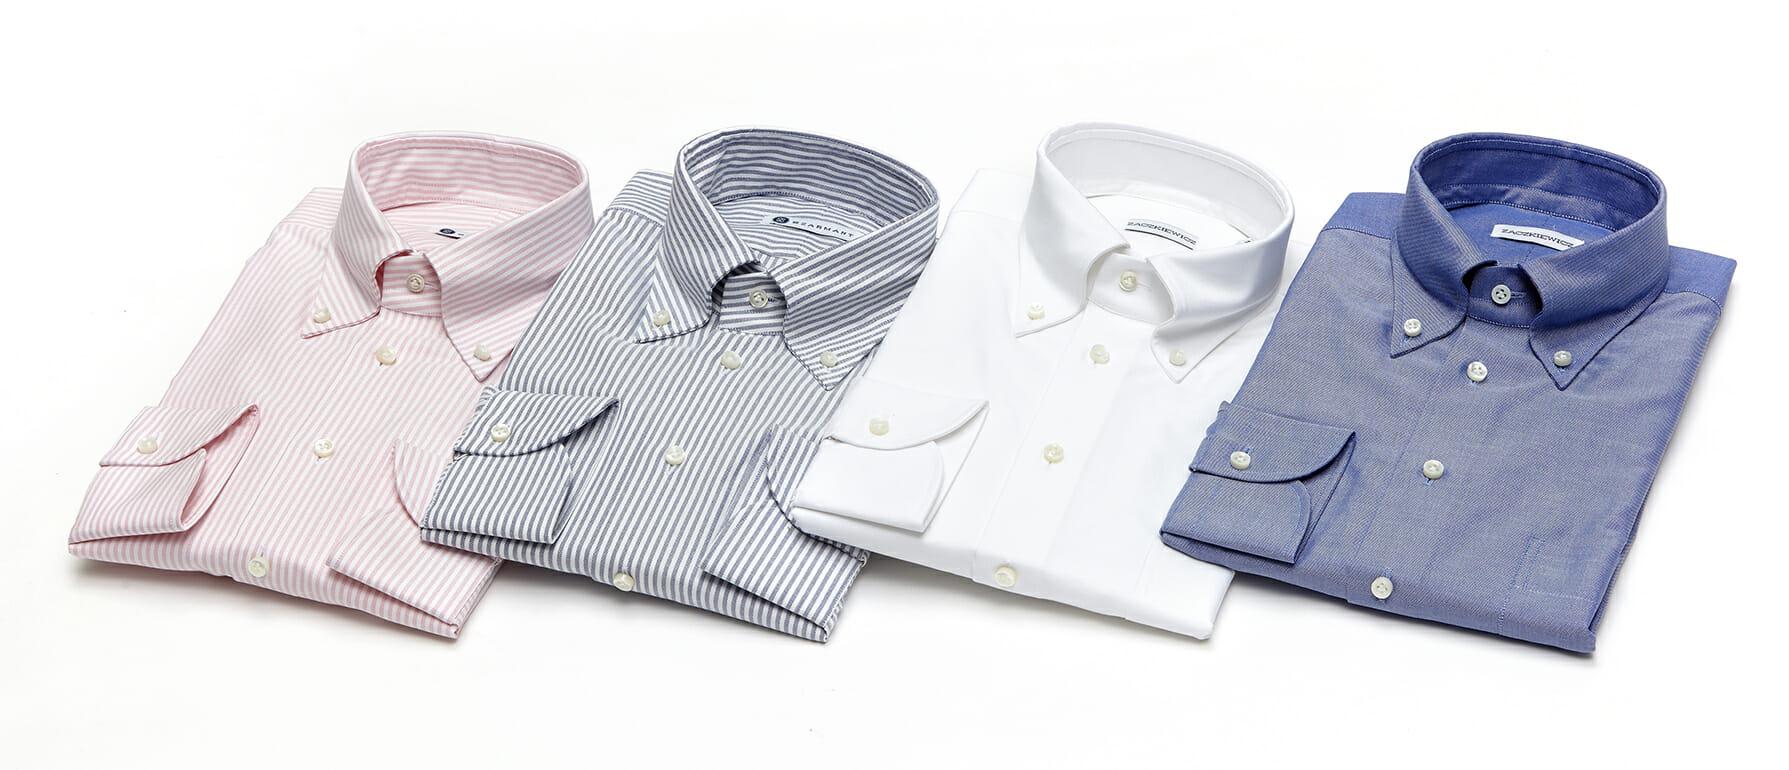 Oxford cloth button down – najbardziej uniwersalna koszula?